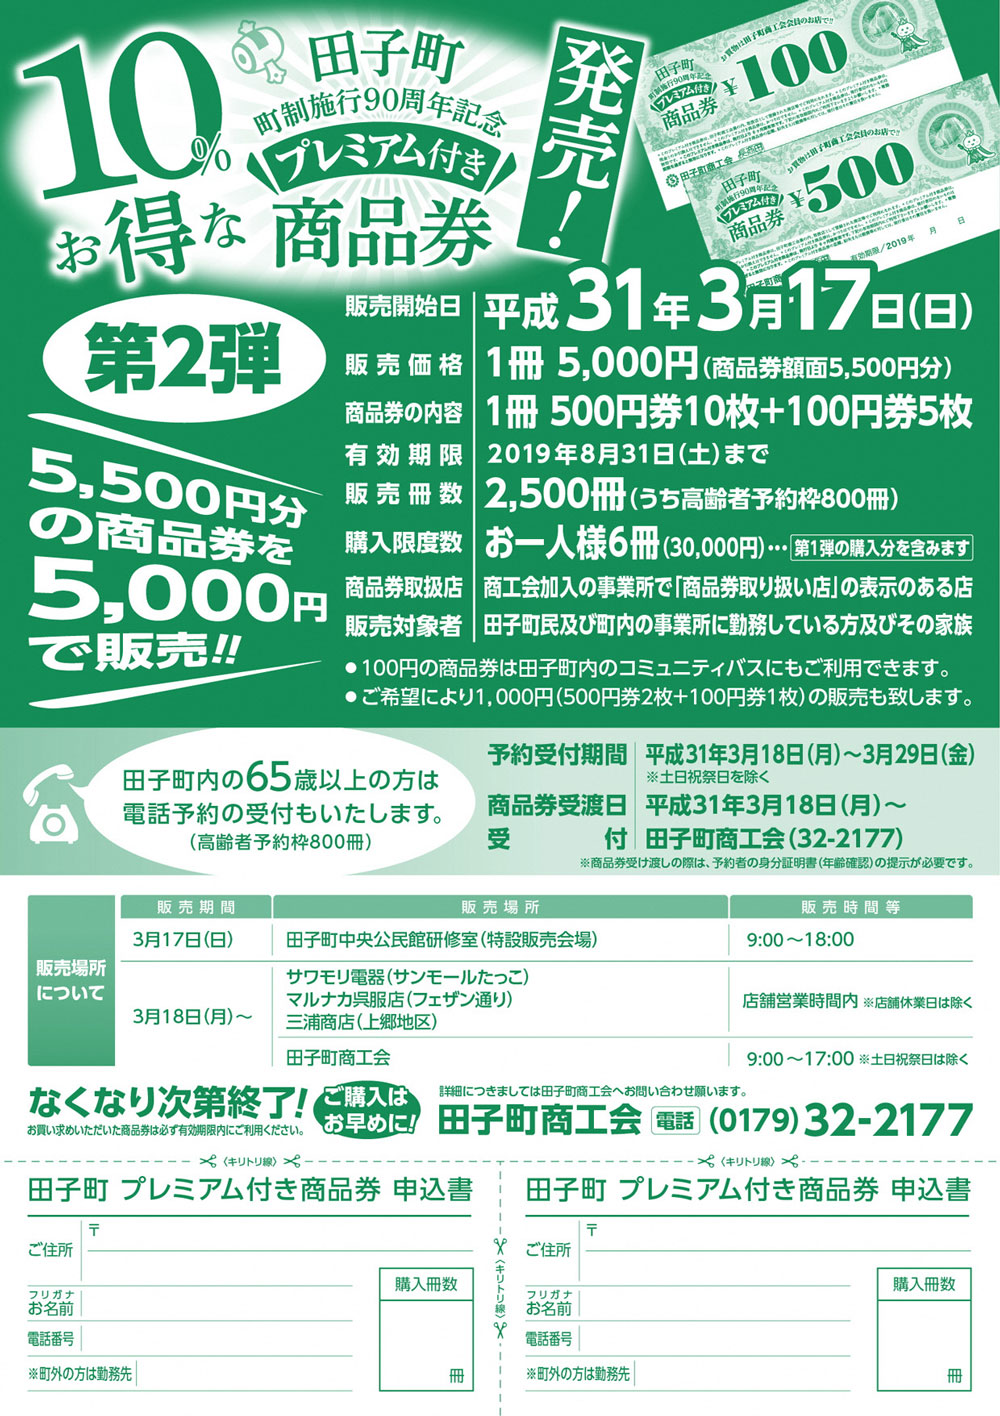 田子町プレミアム付き商品券申込書